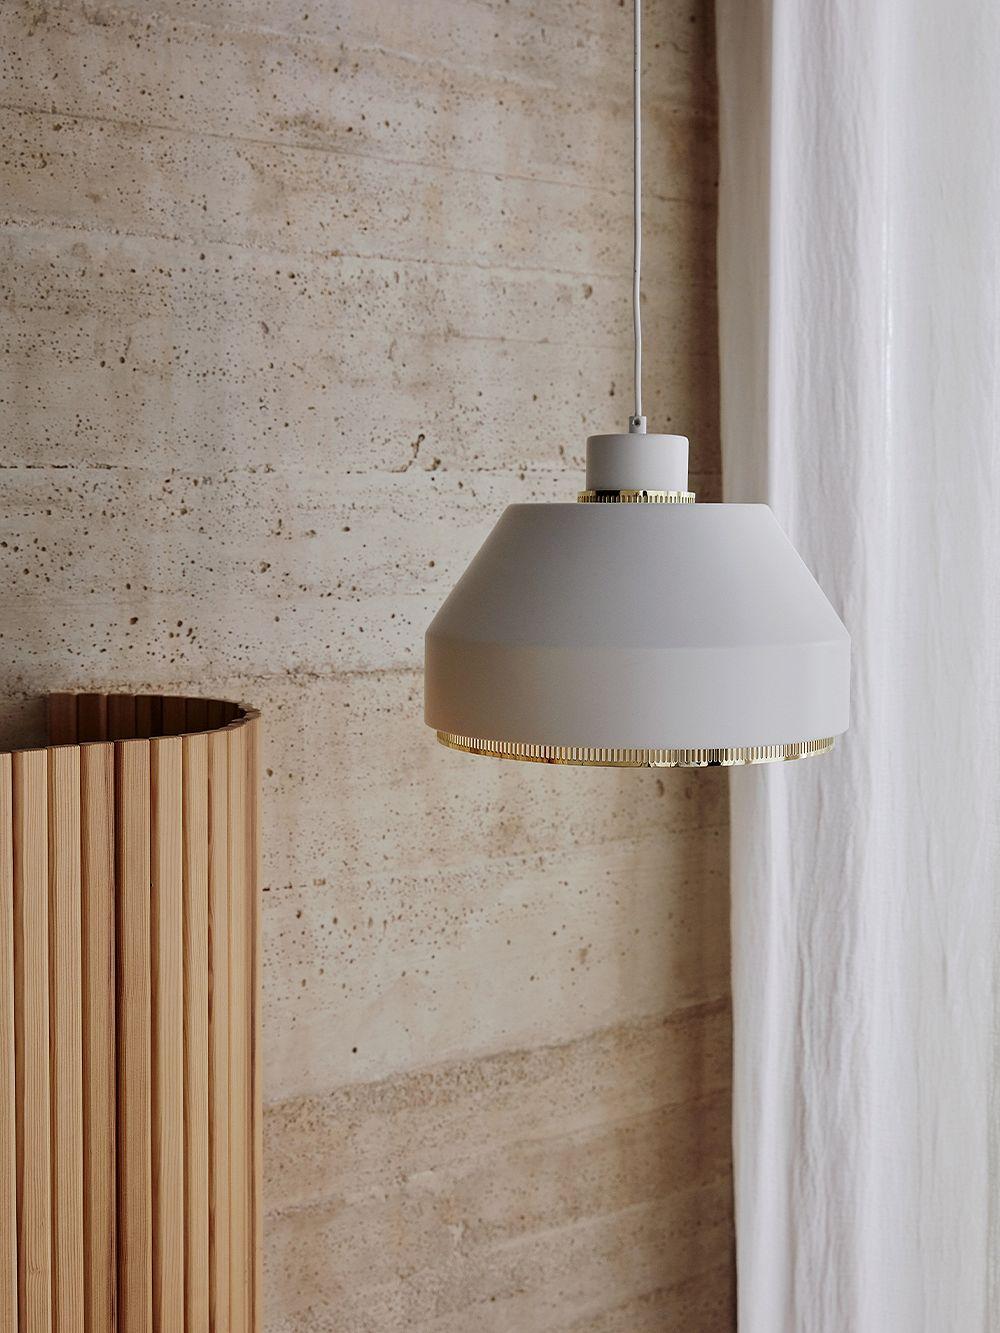 Artek AMA 500 pendant light in white